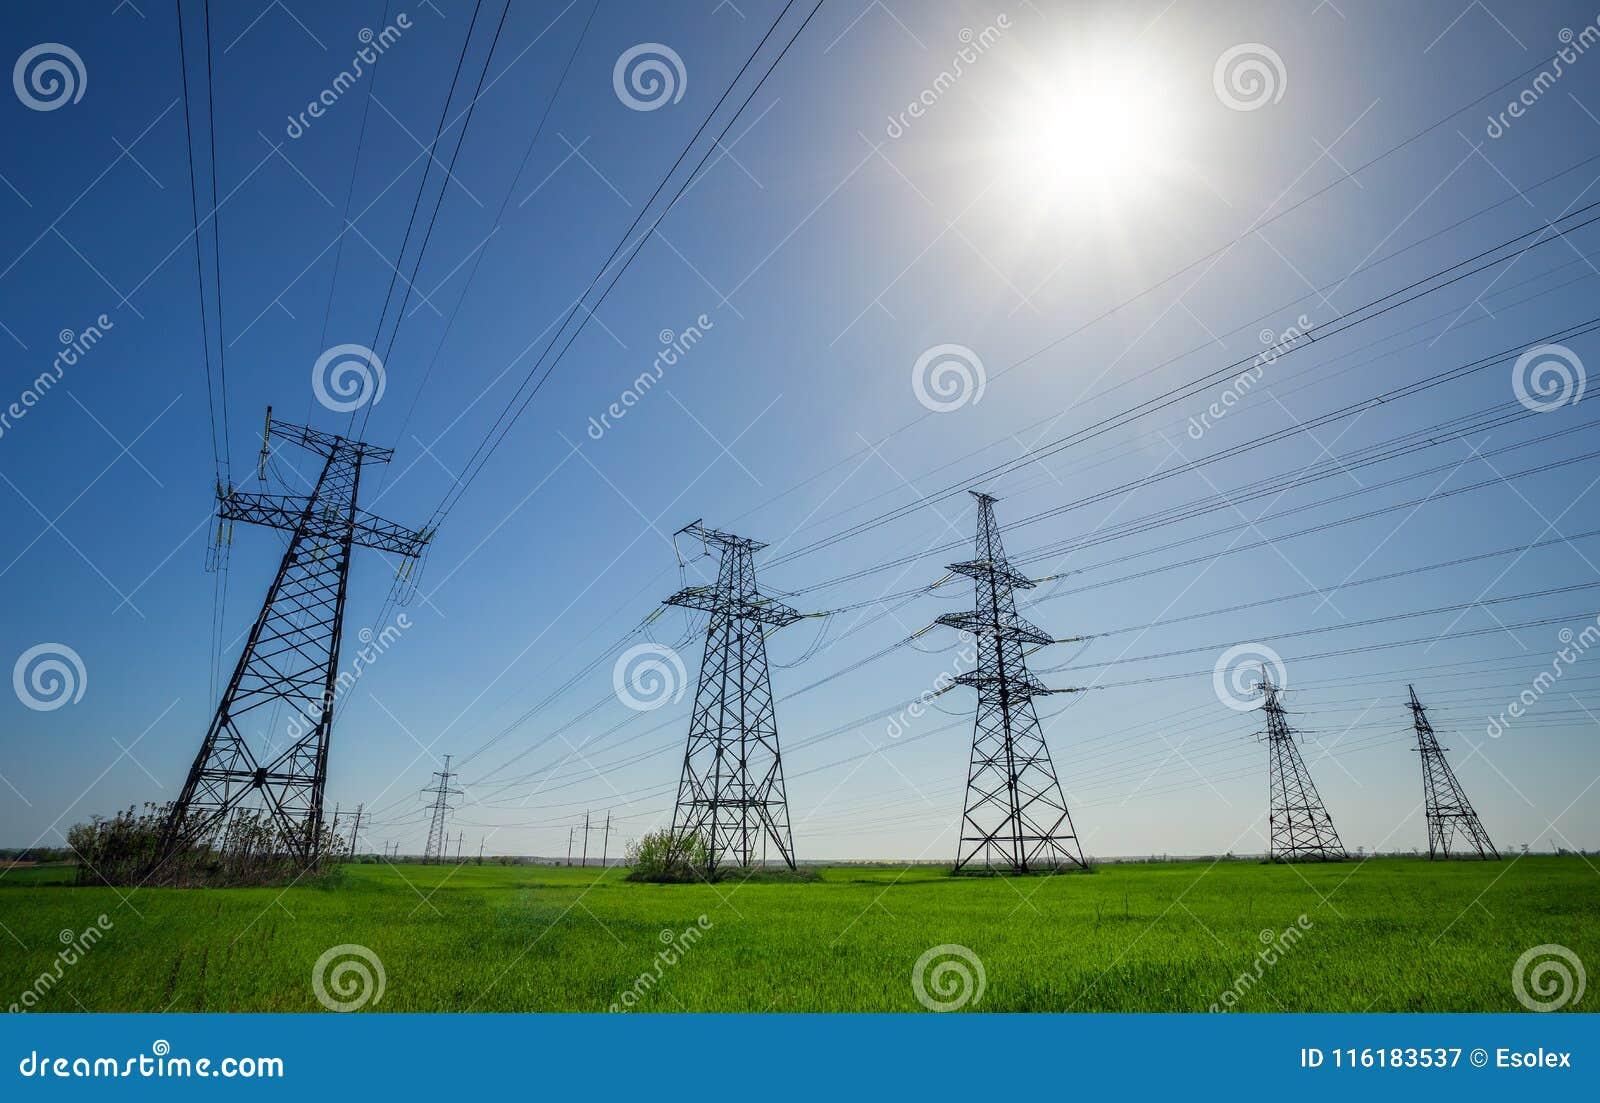 De lijnen van de hoogspanning en machtspylonen